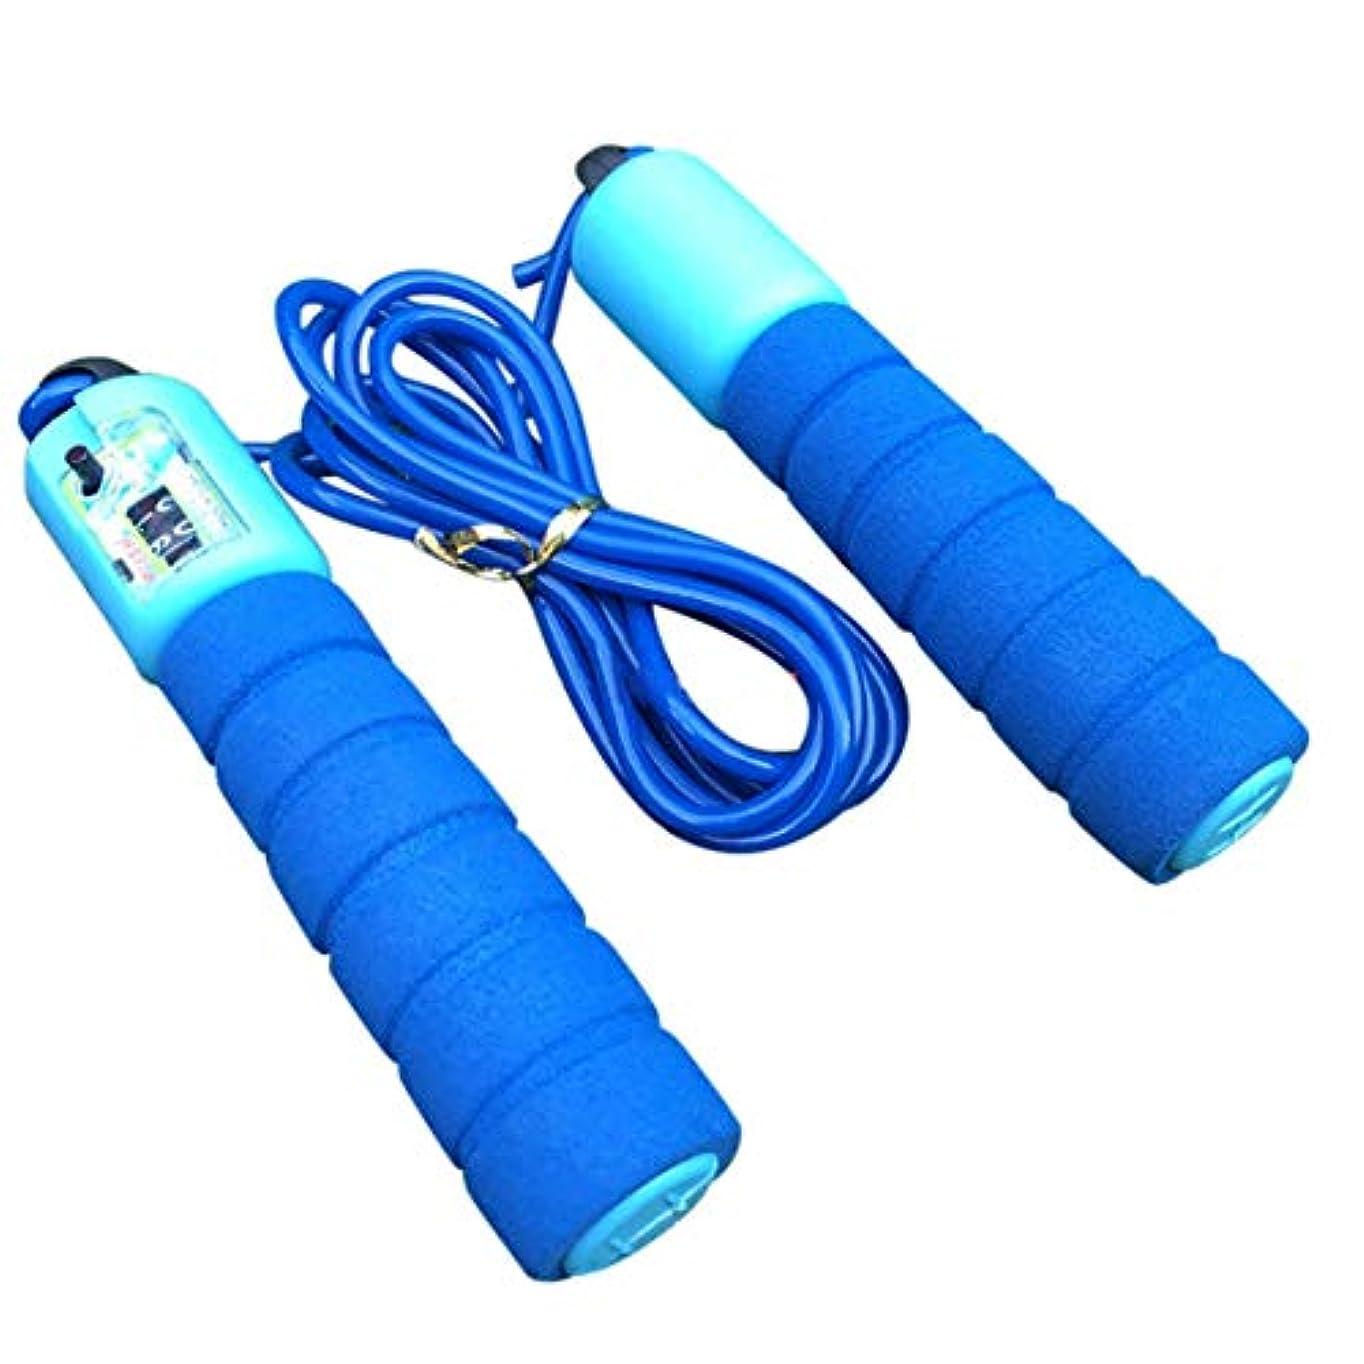 写真を撮るキュービック関係する調整可能なプロフェッショナルカウント縄跳び自動カウントジャンプロープフィットネス運動高速カウントジャンプロープ - 青